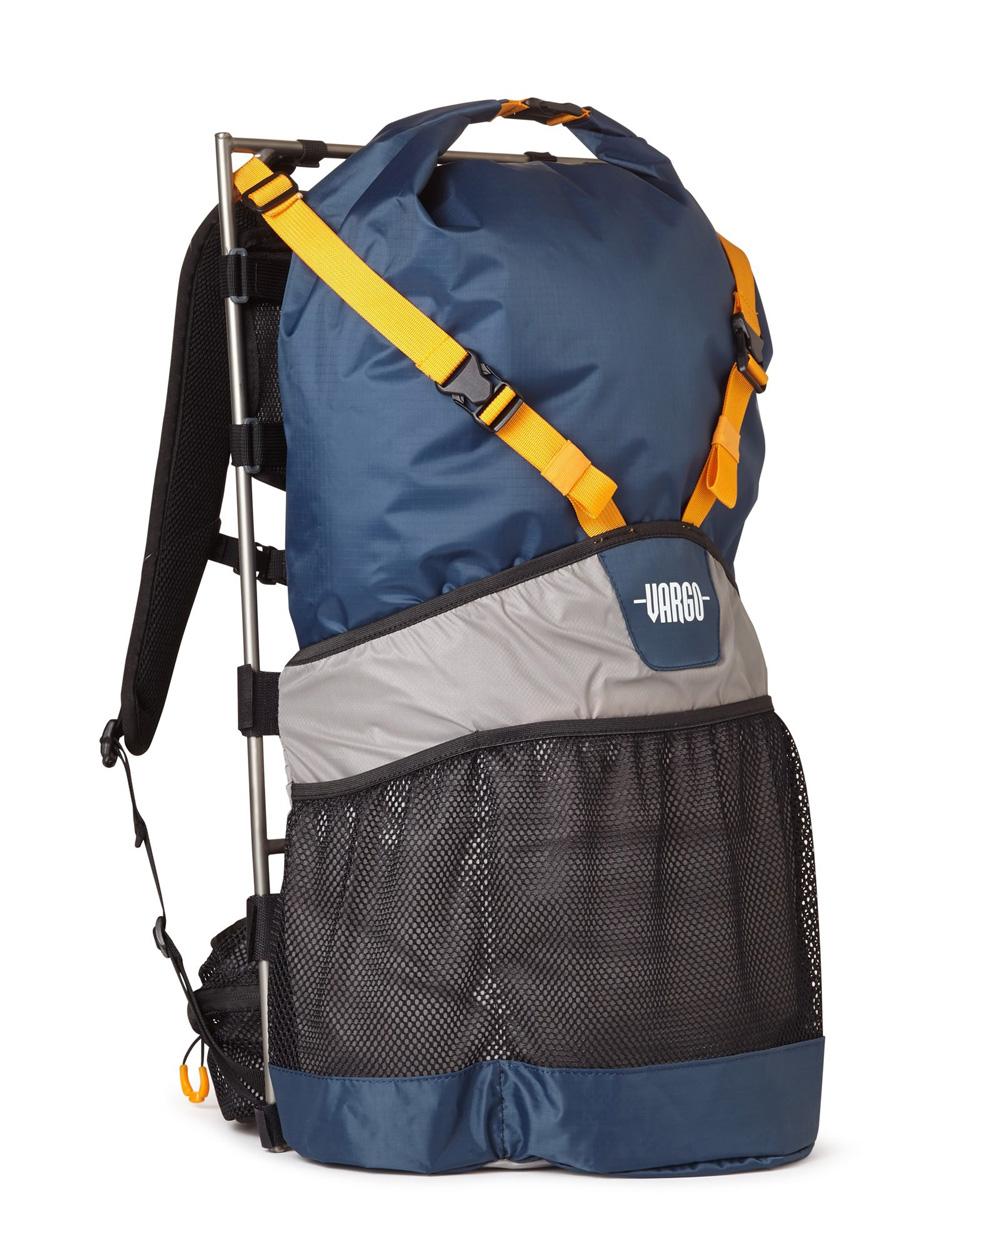 vargo backpack